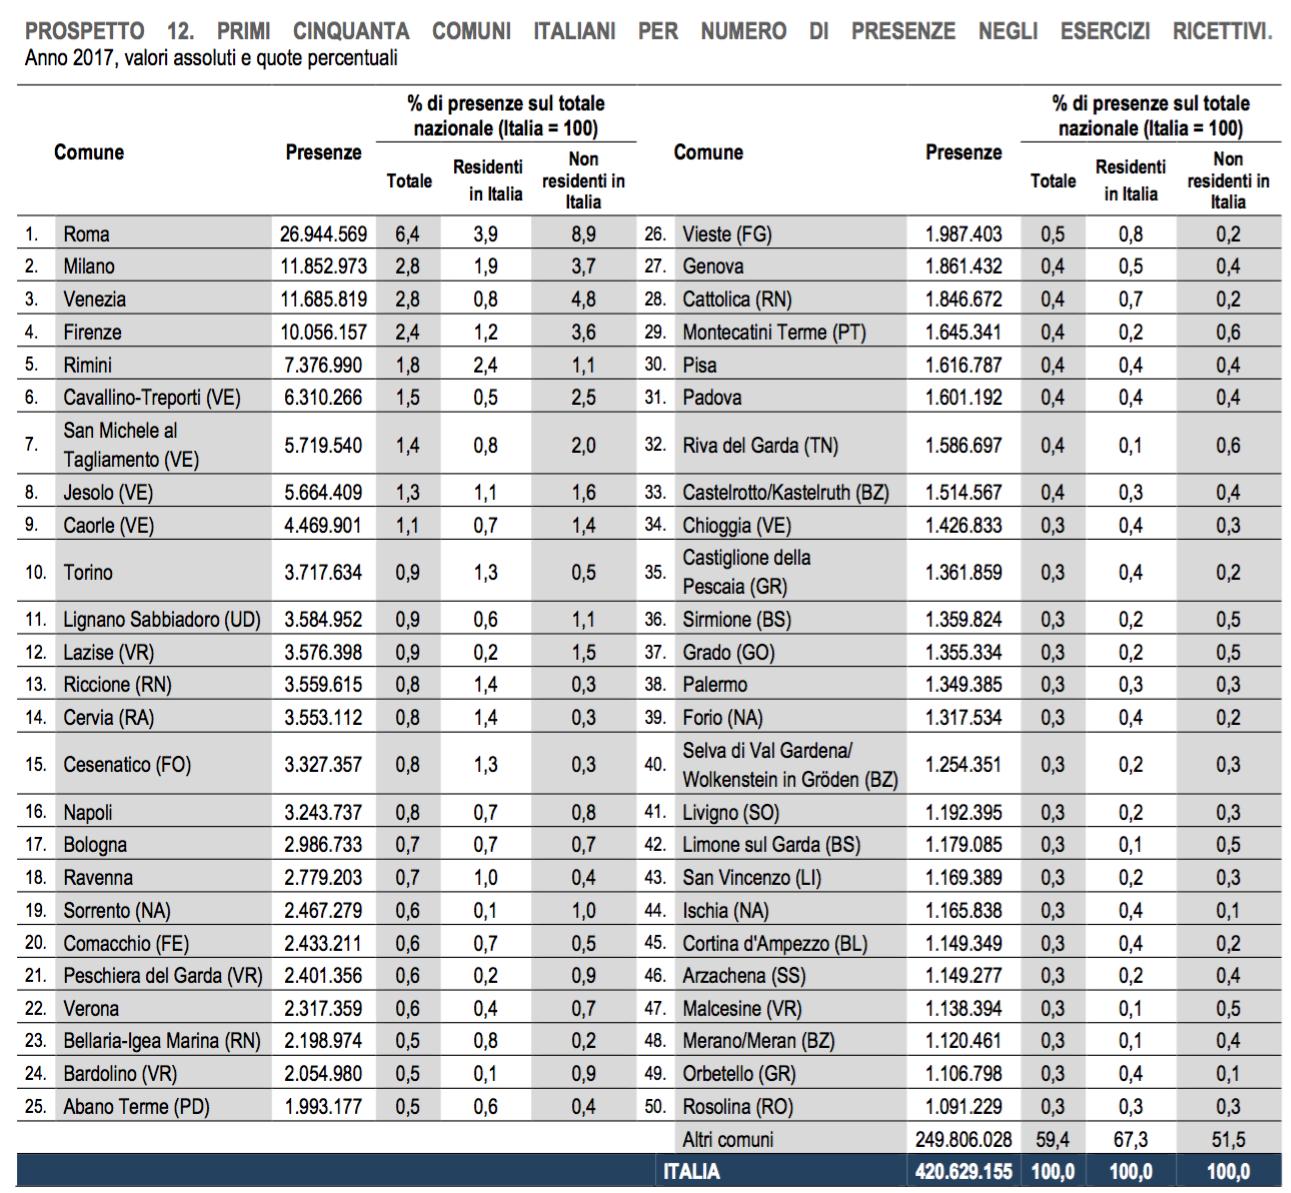 08 - Le città con il maggior numero di presenze.png